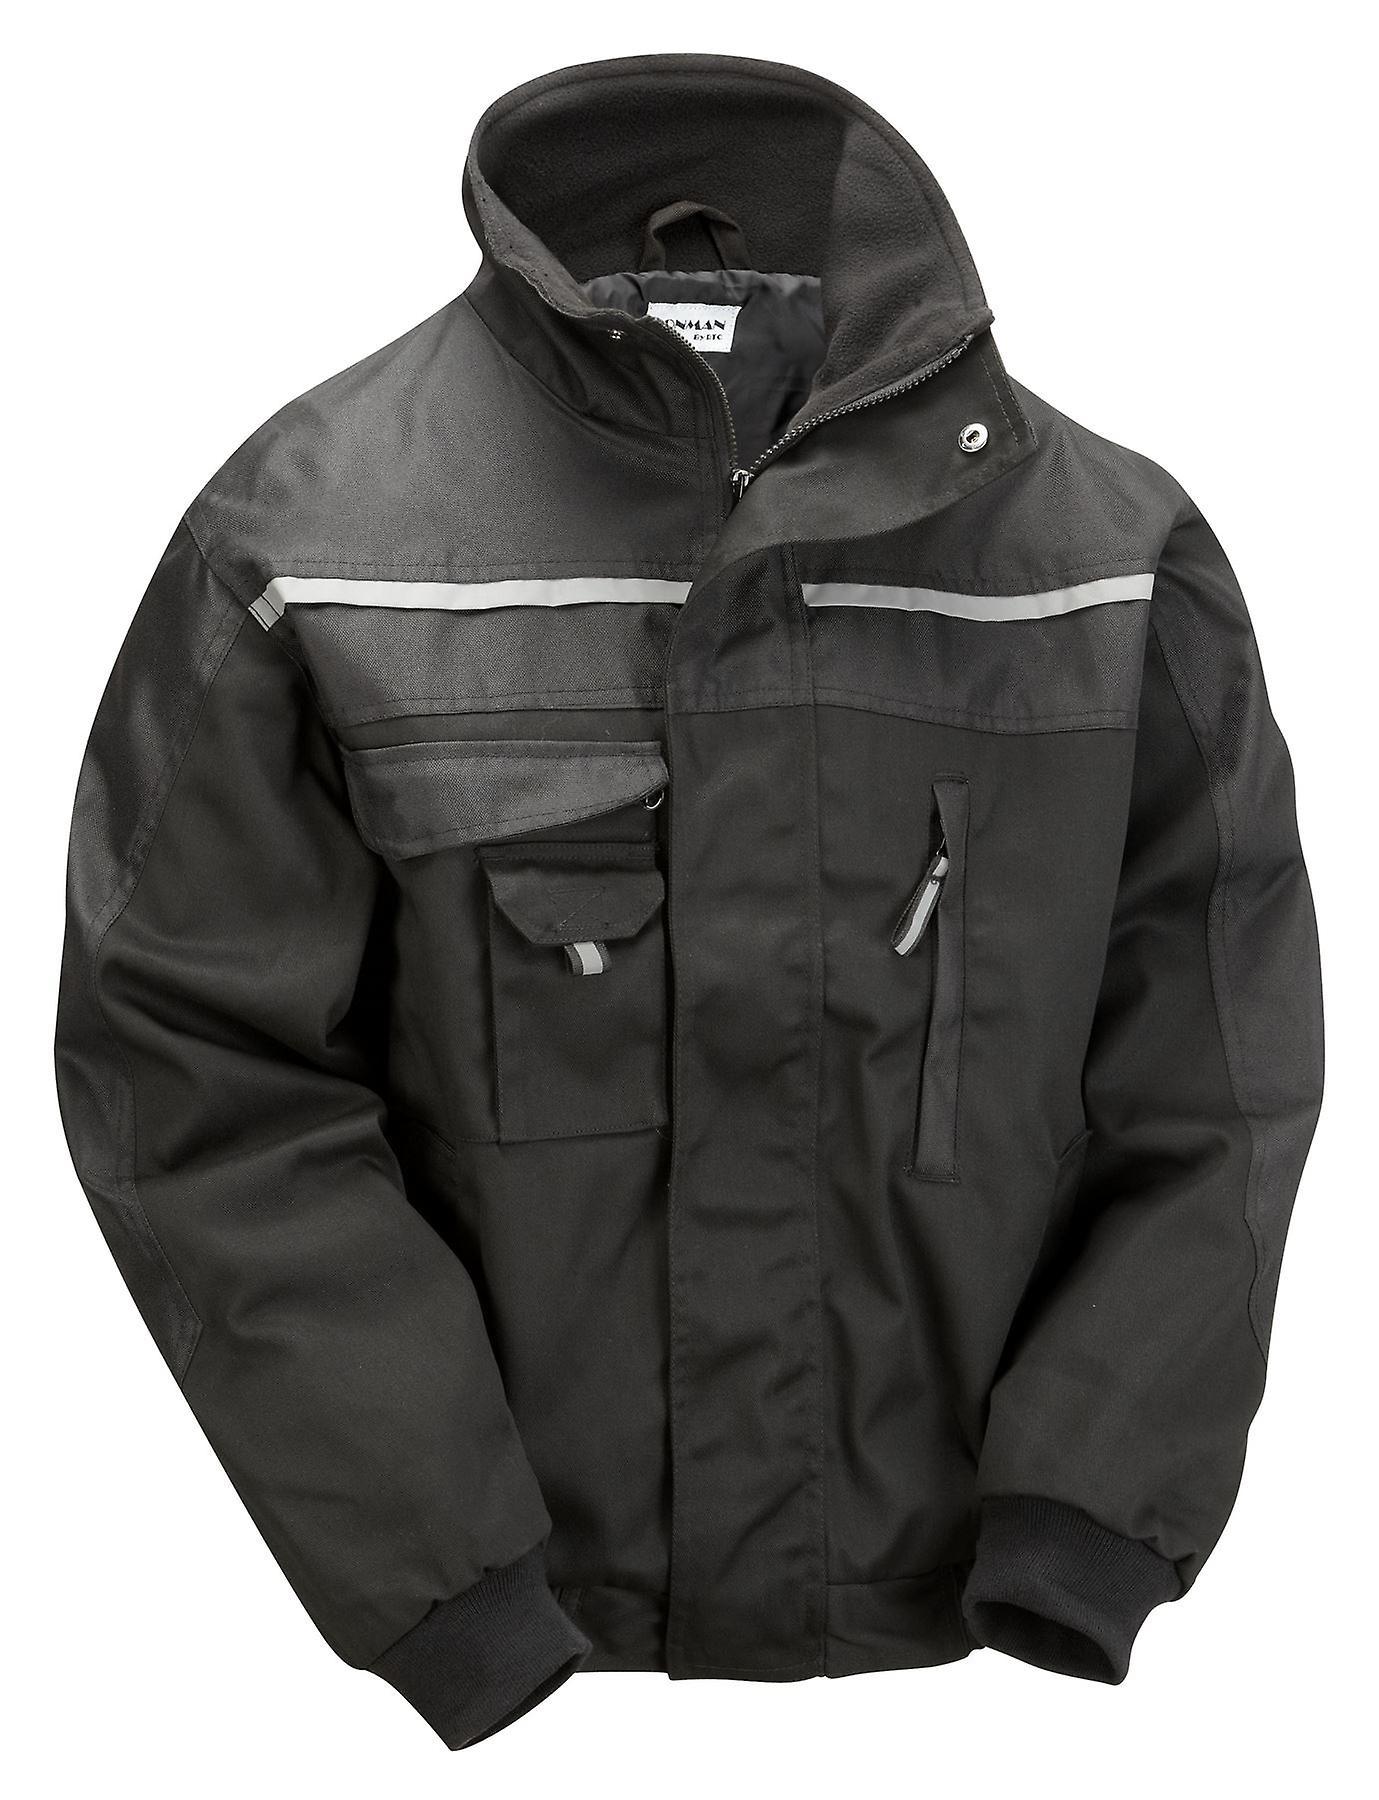 Ironman Work Jackets Reinforced Industrial Work Wear